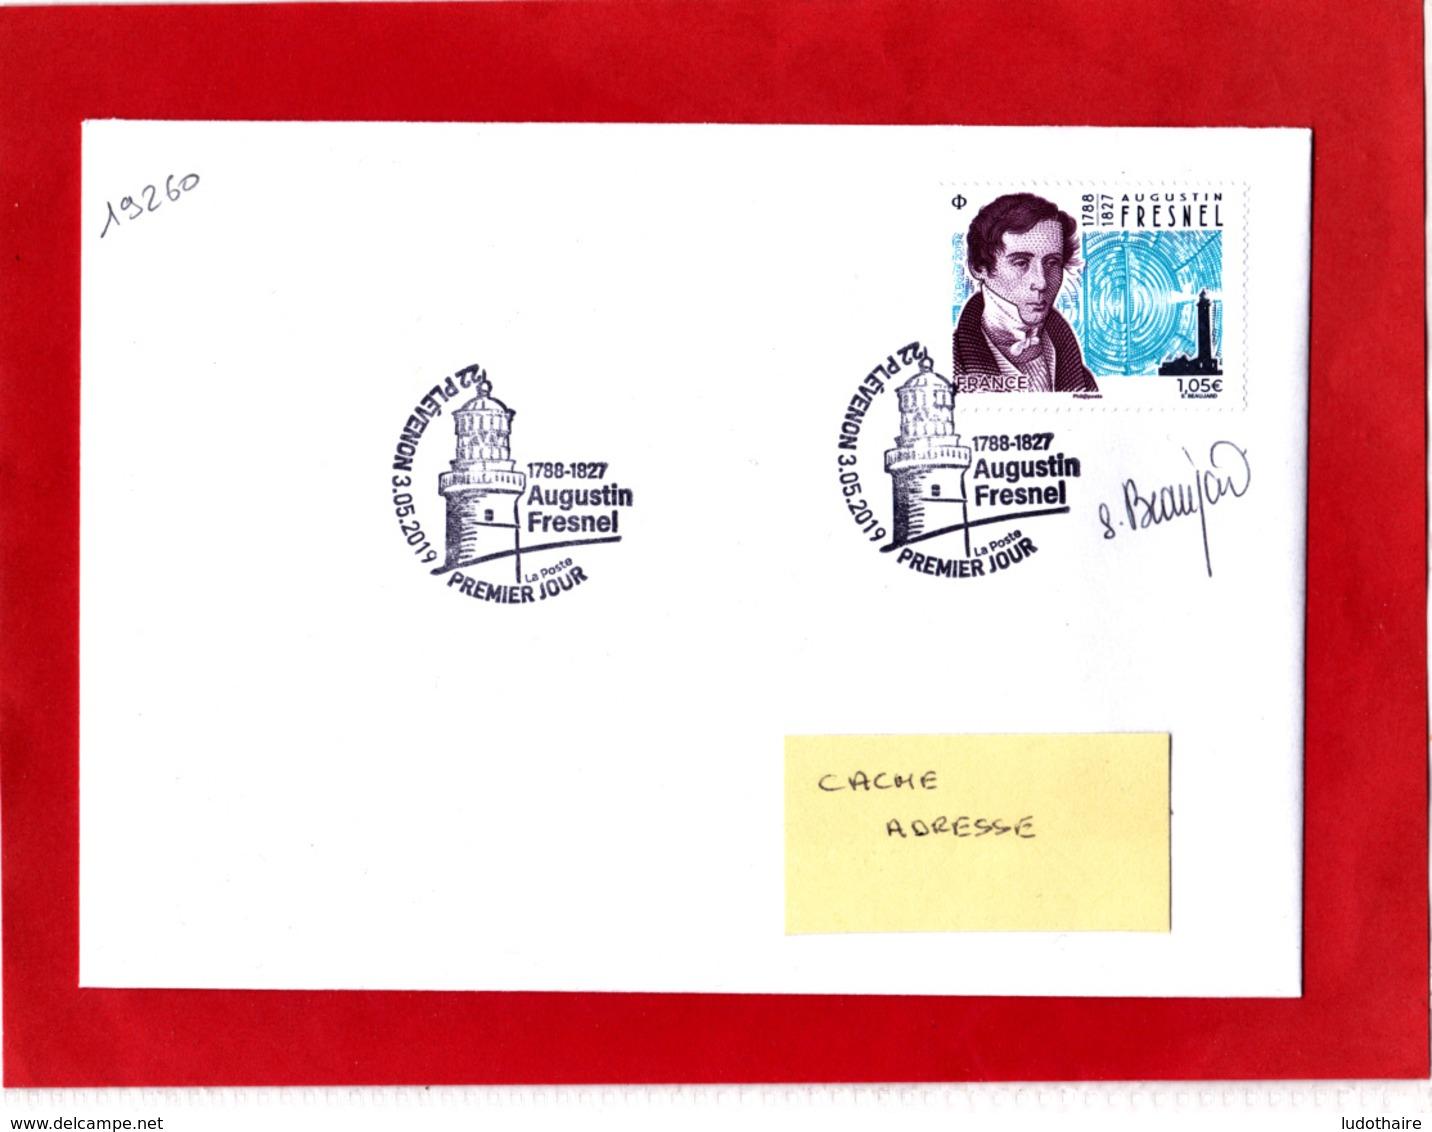 F 2019 / 1.05 €  Augustin Fresnel Obl 1er Jour 03.05.2019 Plévenon 22 Côte D'Armor / Signé Sophie Beaujard / Signature - France